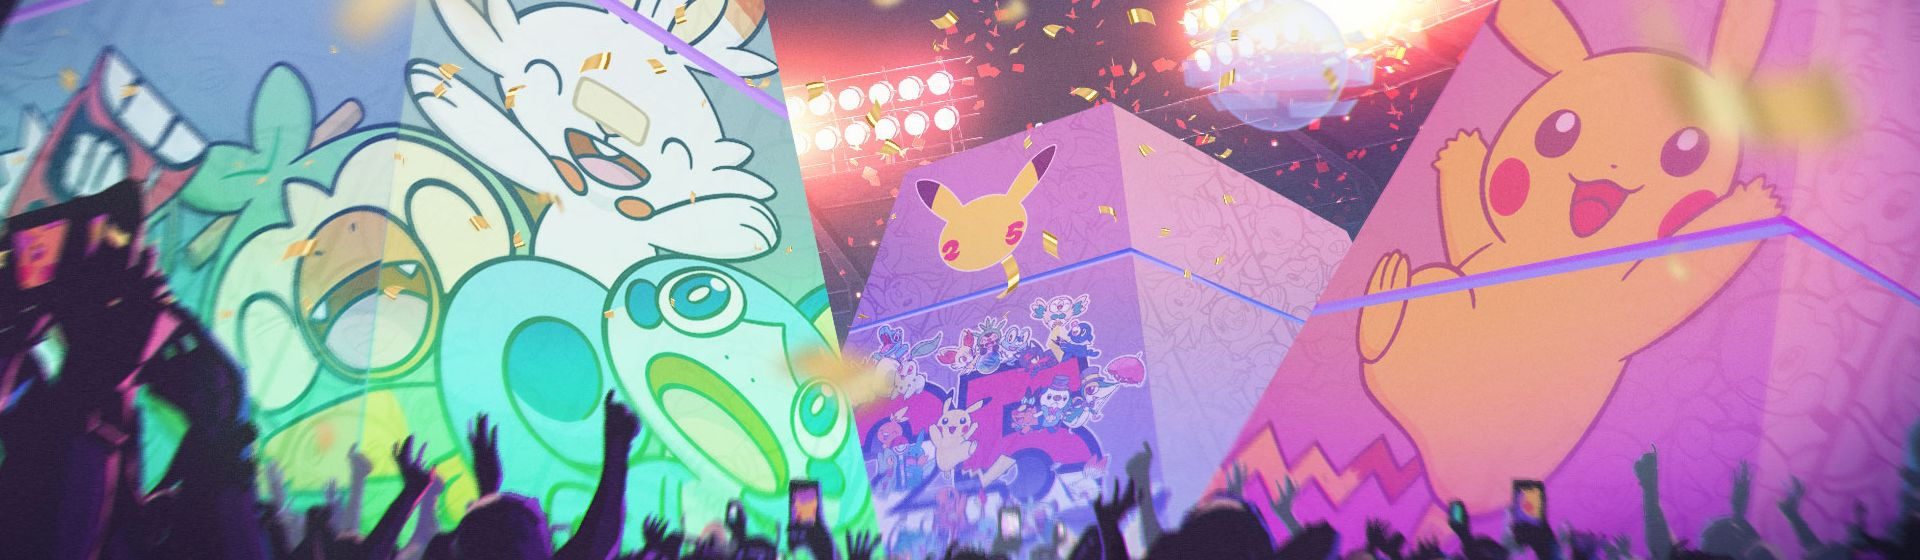 25 anos de Pokémon: próximos lançamentos e rumores para 2021